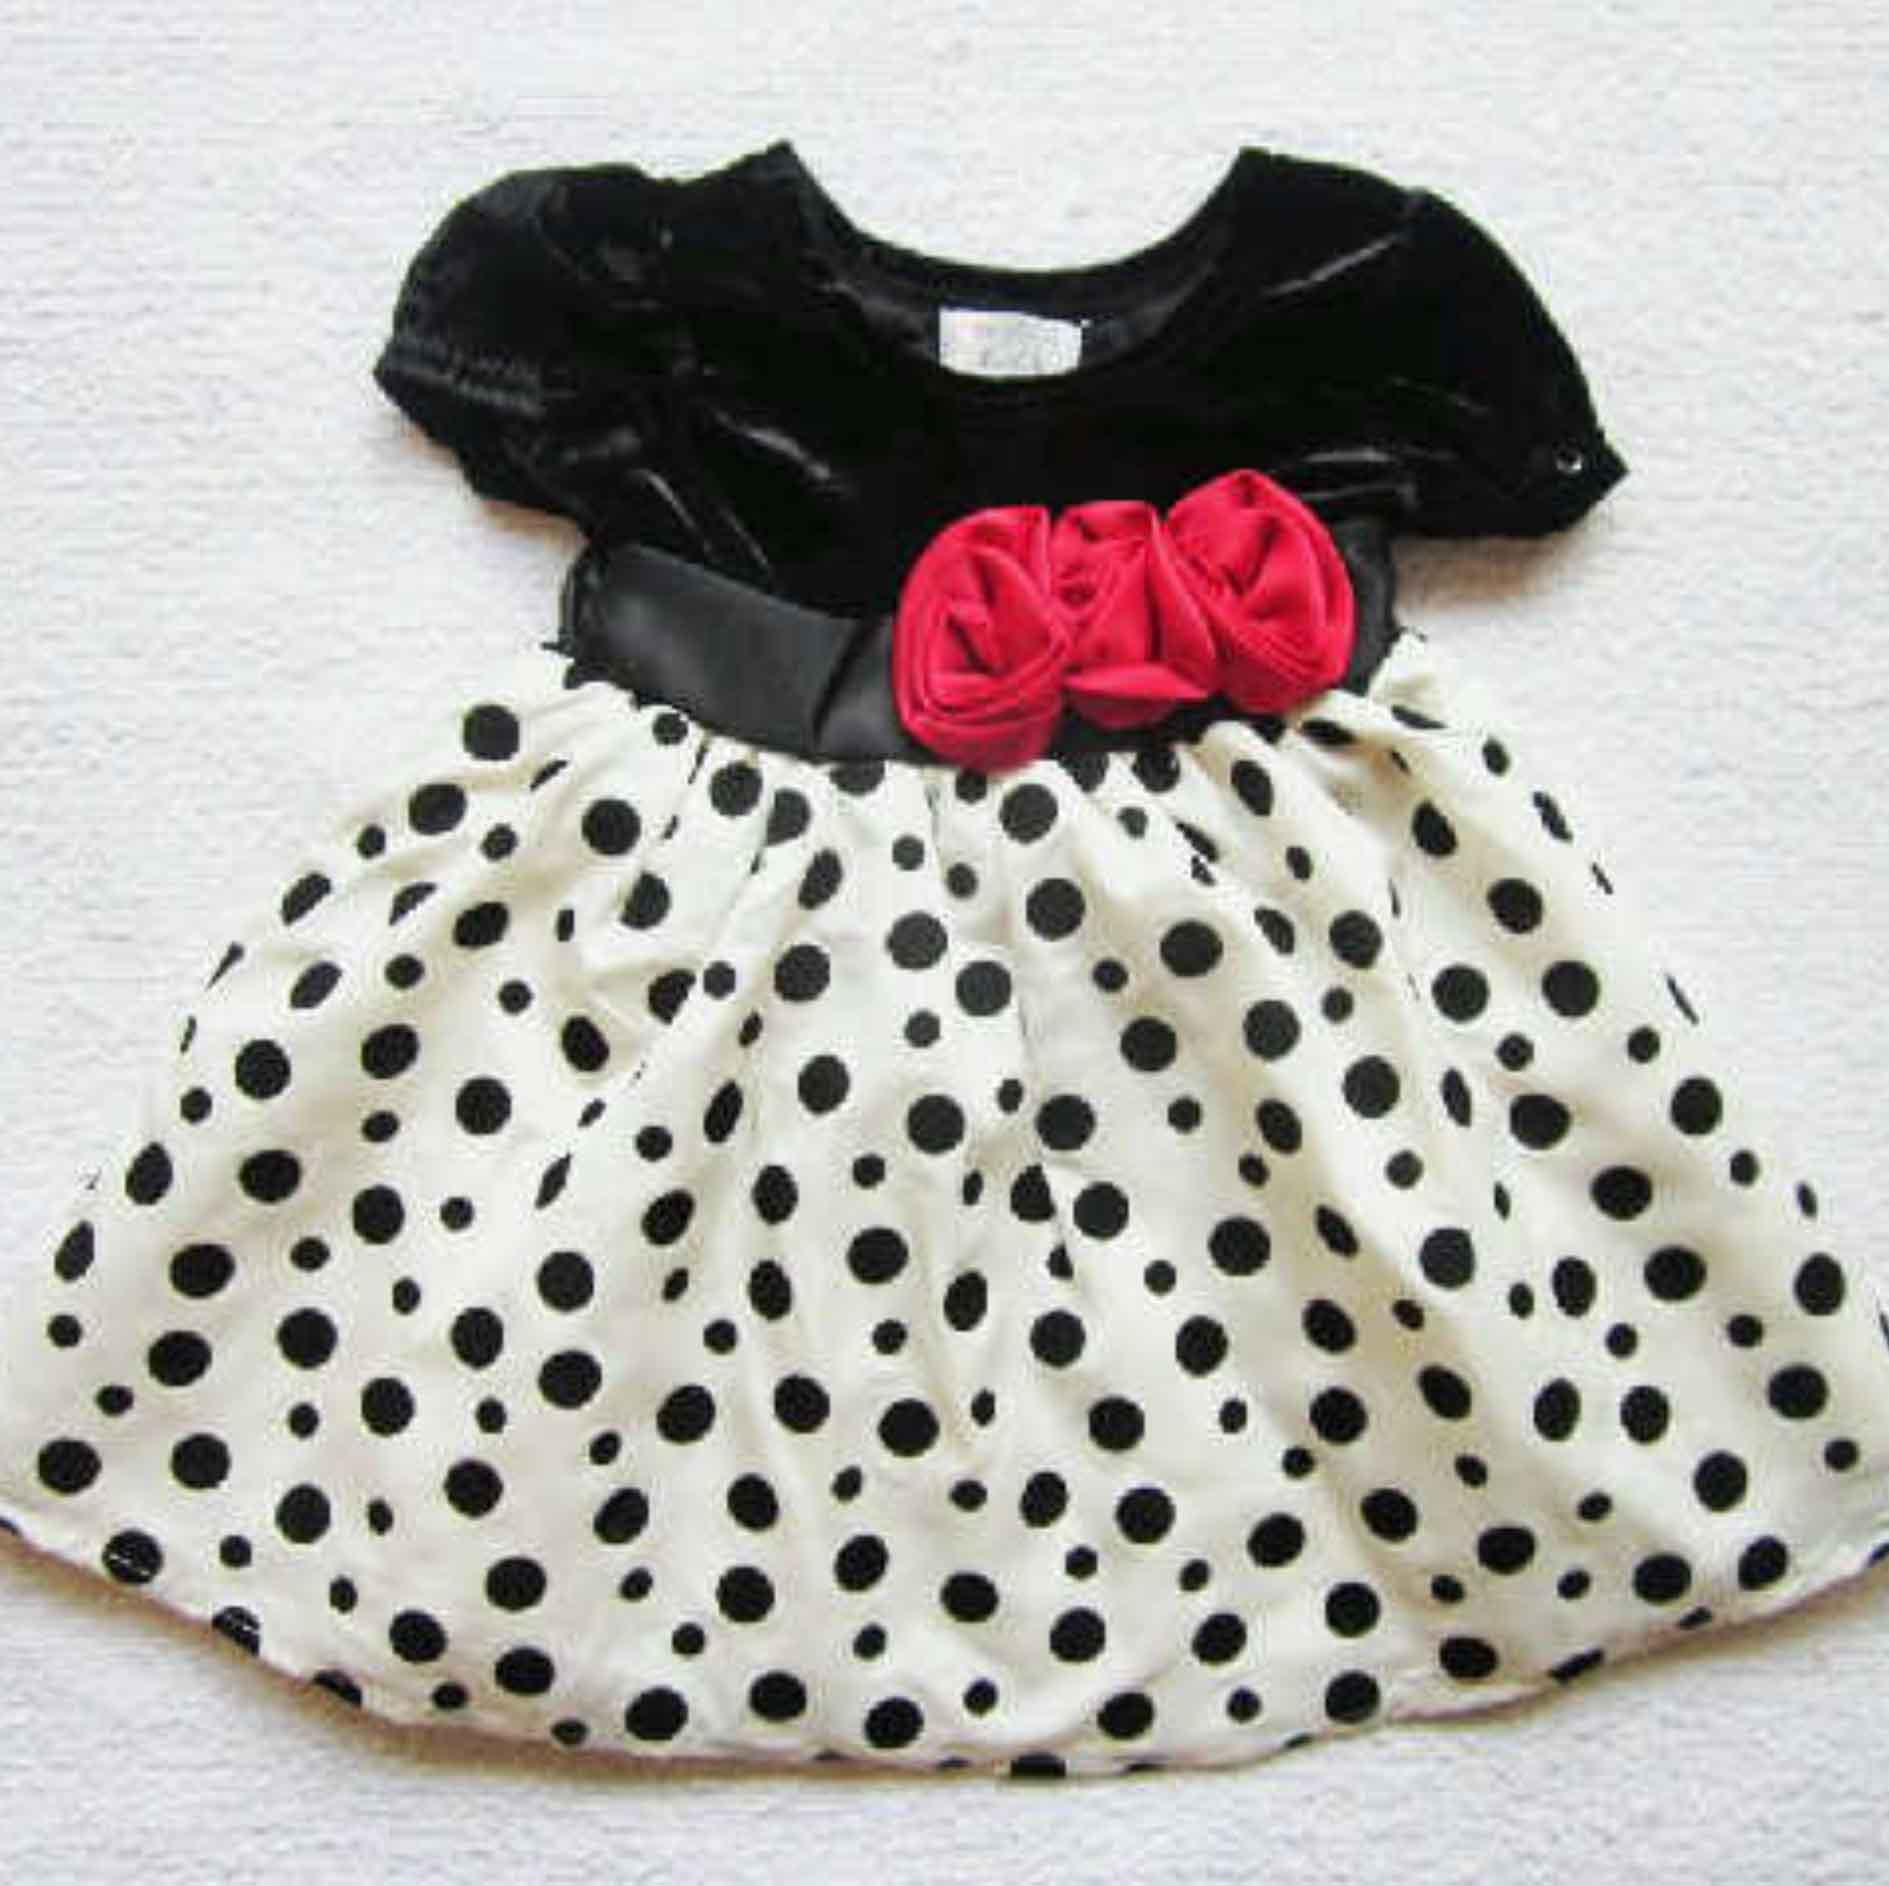 Baju Pesta Anak 21 Ibu Ira 0811254451 Grosir Baju Pesta Anak